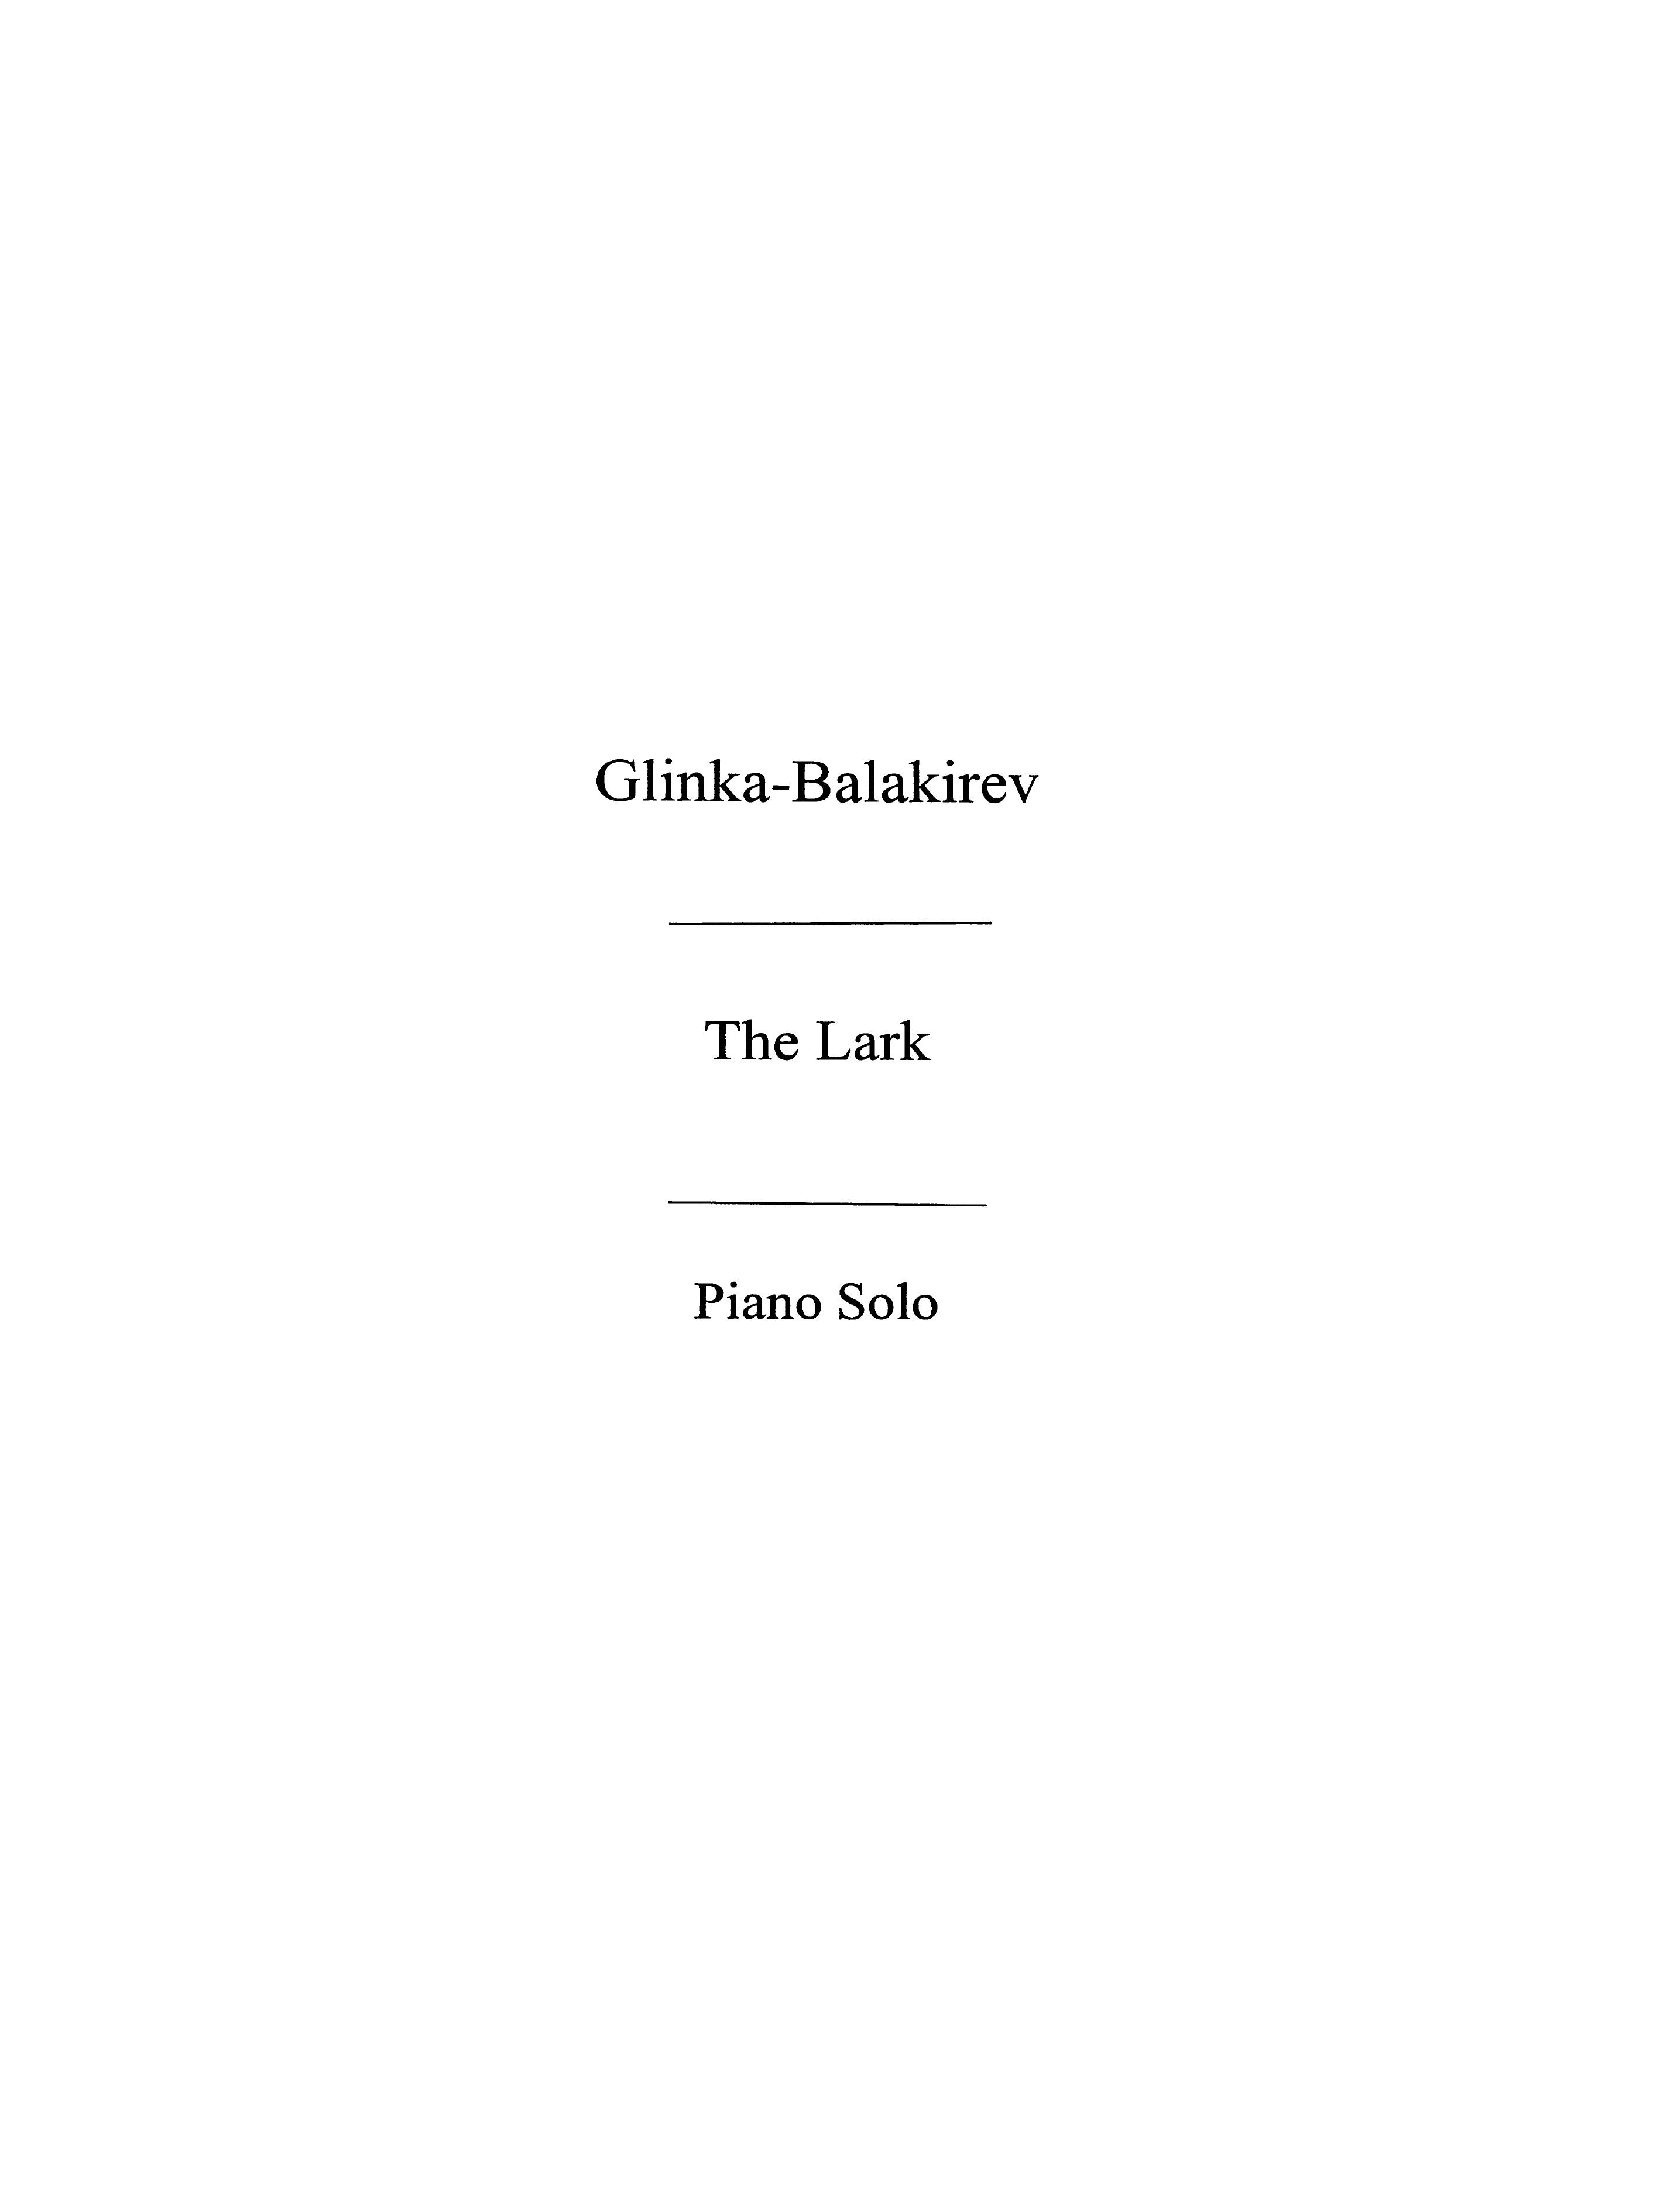 Mikhail Glinka: The Lark - L